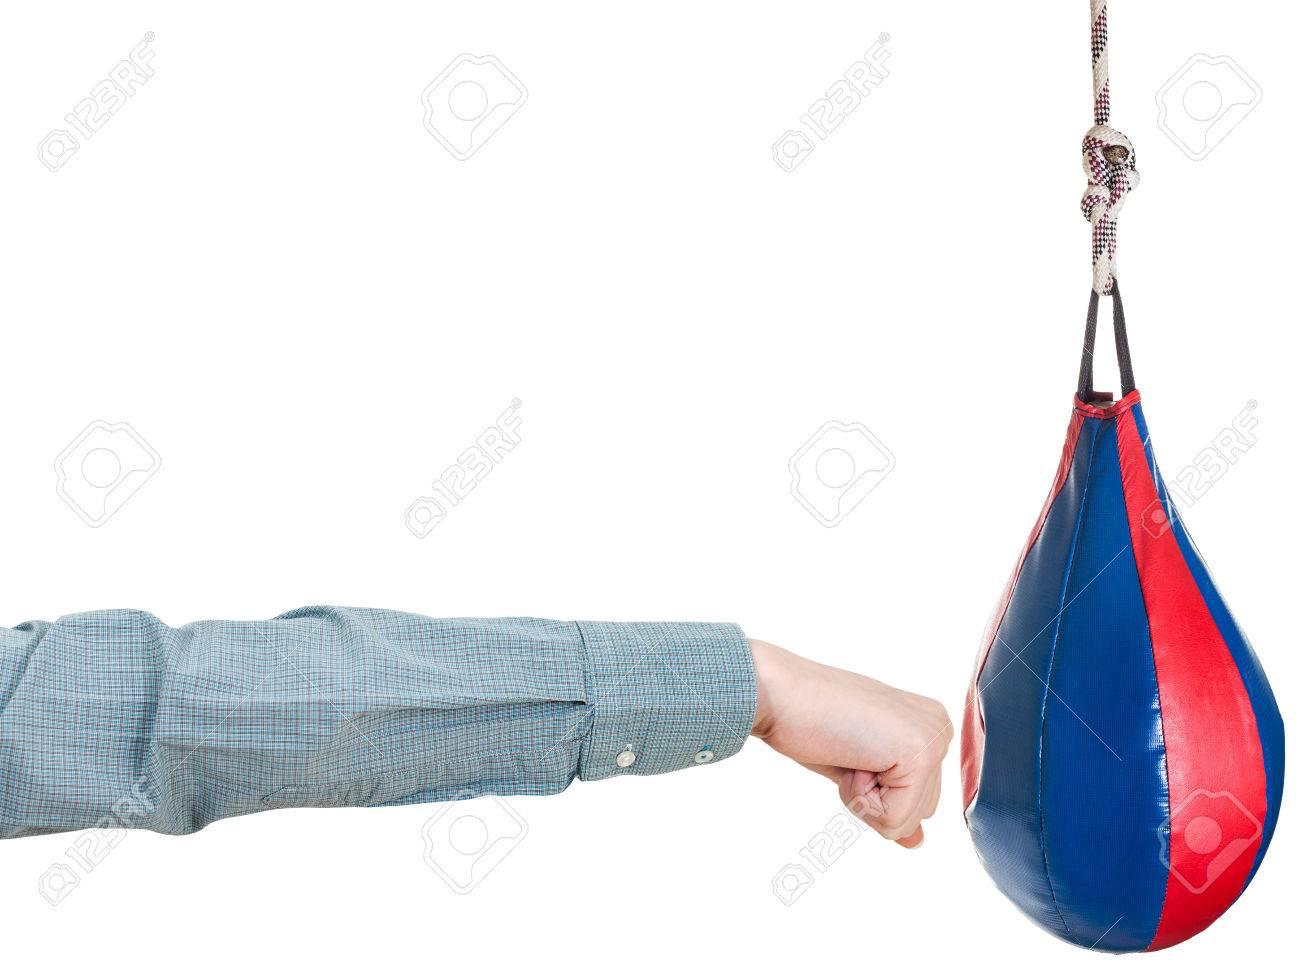 Handgeste Buroangestellte Schlage Boxsack Isoliert Auf Weissem